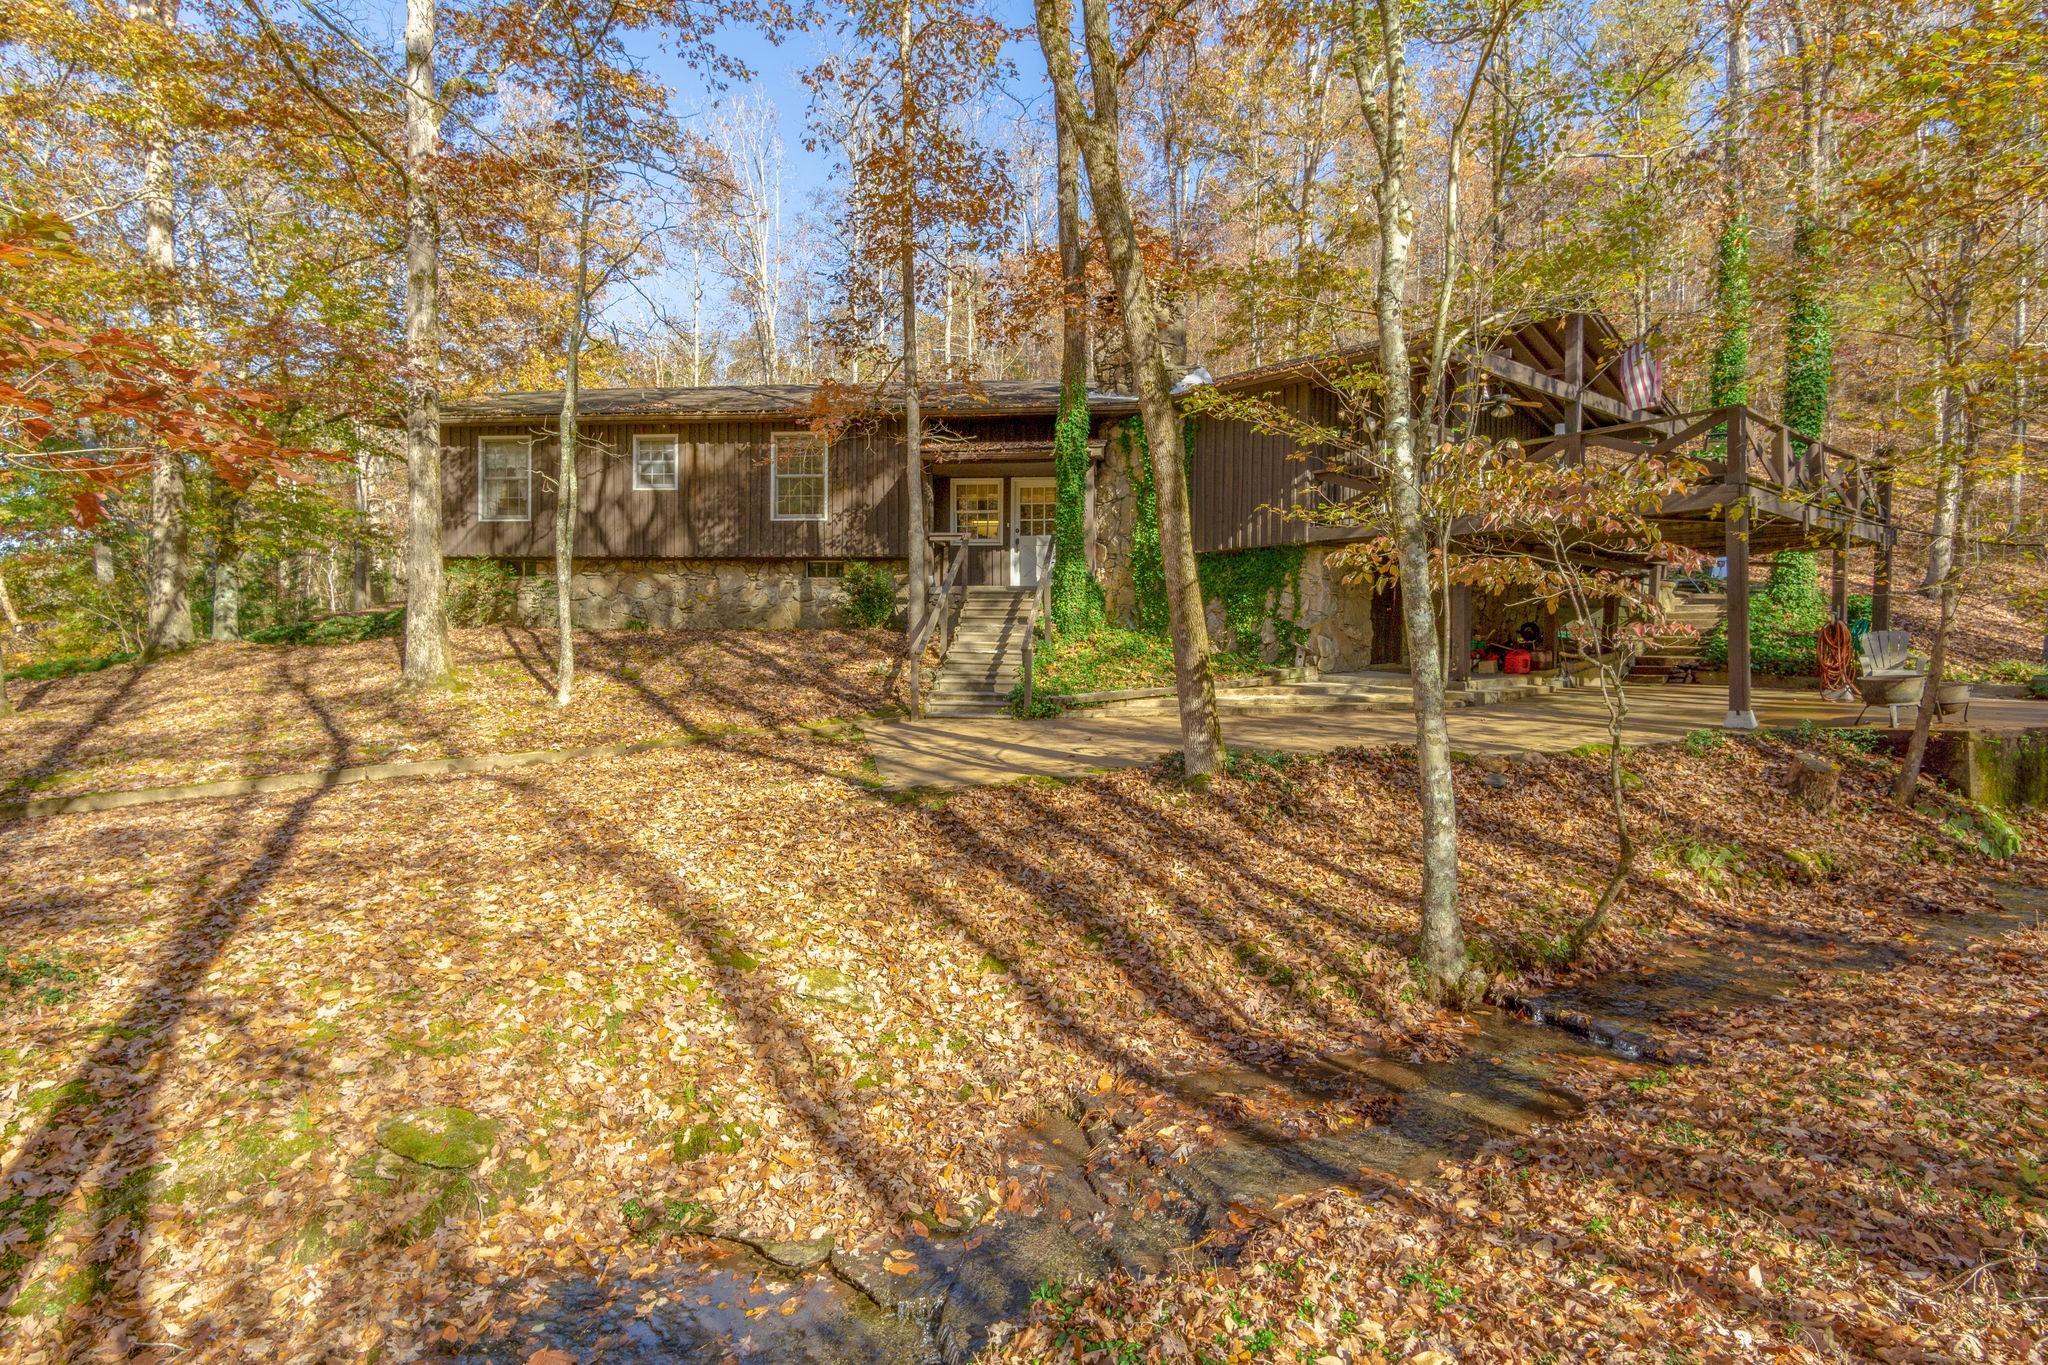 125 Lawson Rd, Hohenwald, TN 38462 - Hohenwald, TN real estate listing